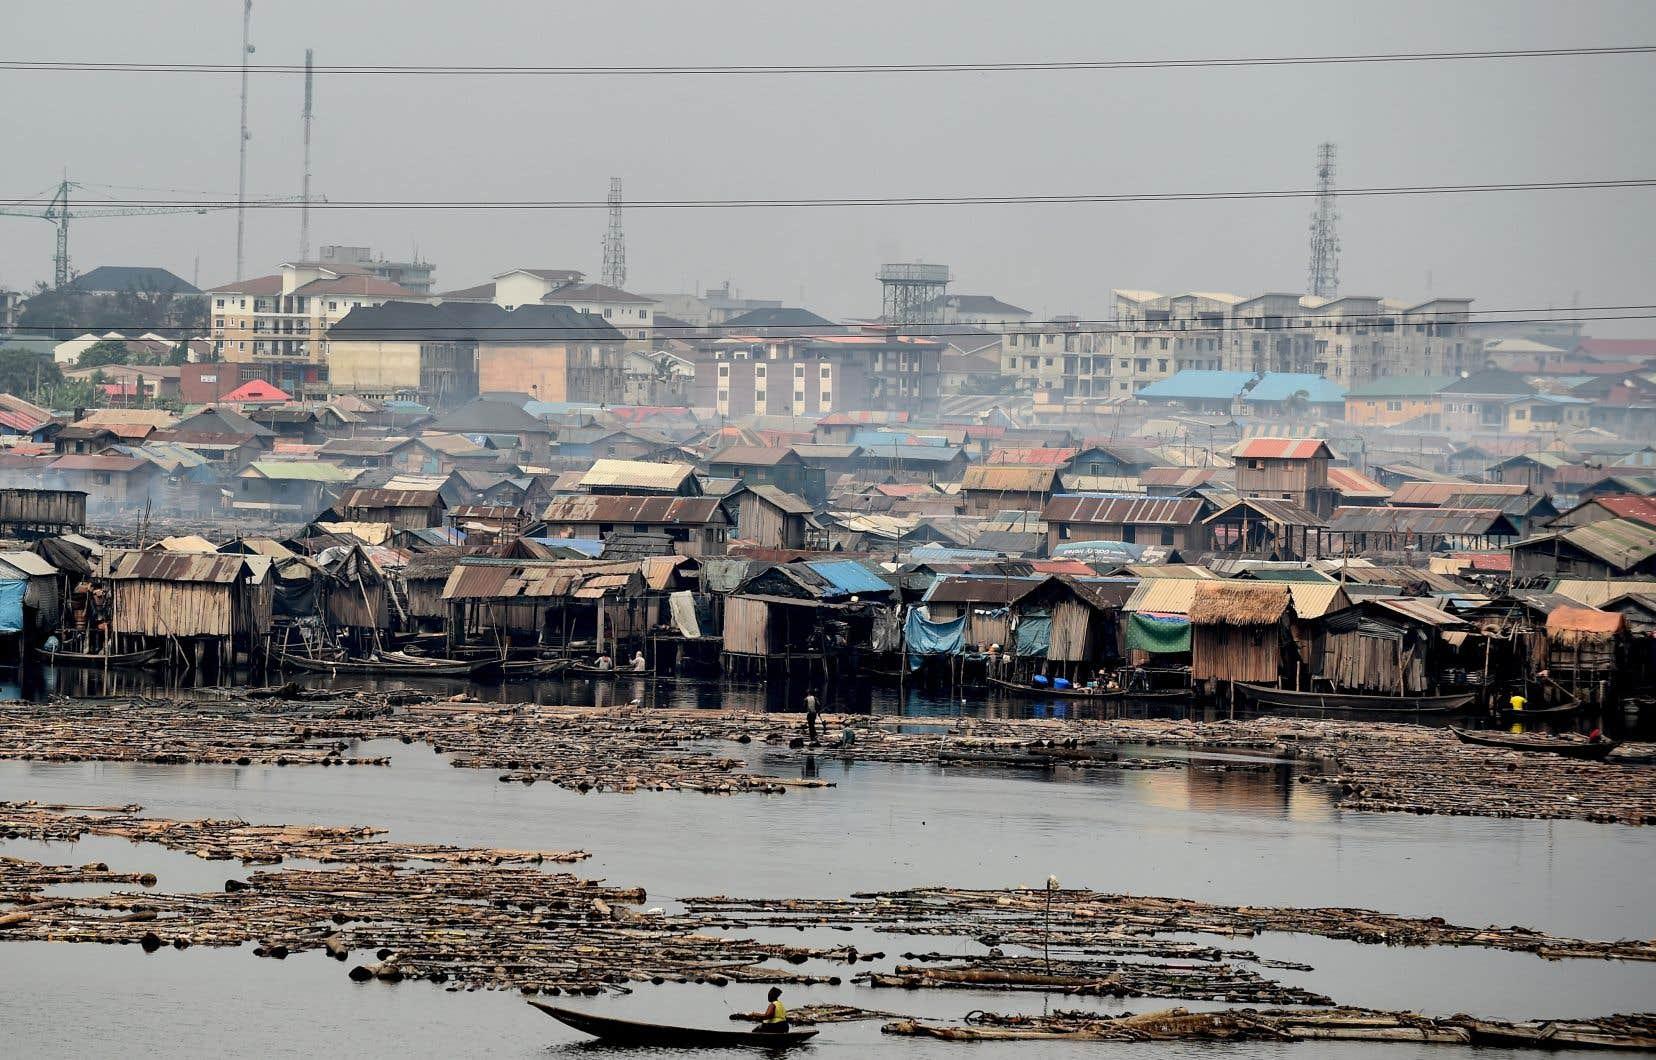 Le monde est présentement un navire sans gouvernail, où les pays pauvres s'enlisent dans la surpopulation, estime l'auteur. Sur la photo, on aperçoit le bidonville de Makoko, au Nigeria, qui est le pays le plus peuplé d'Afrique.